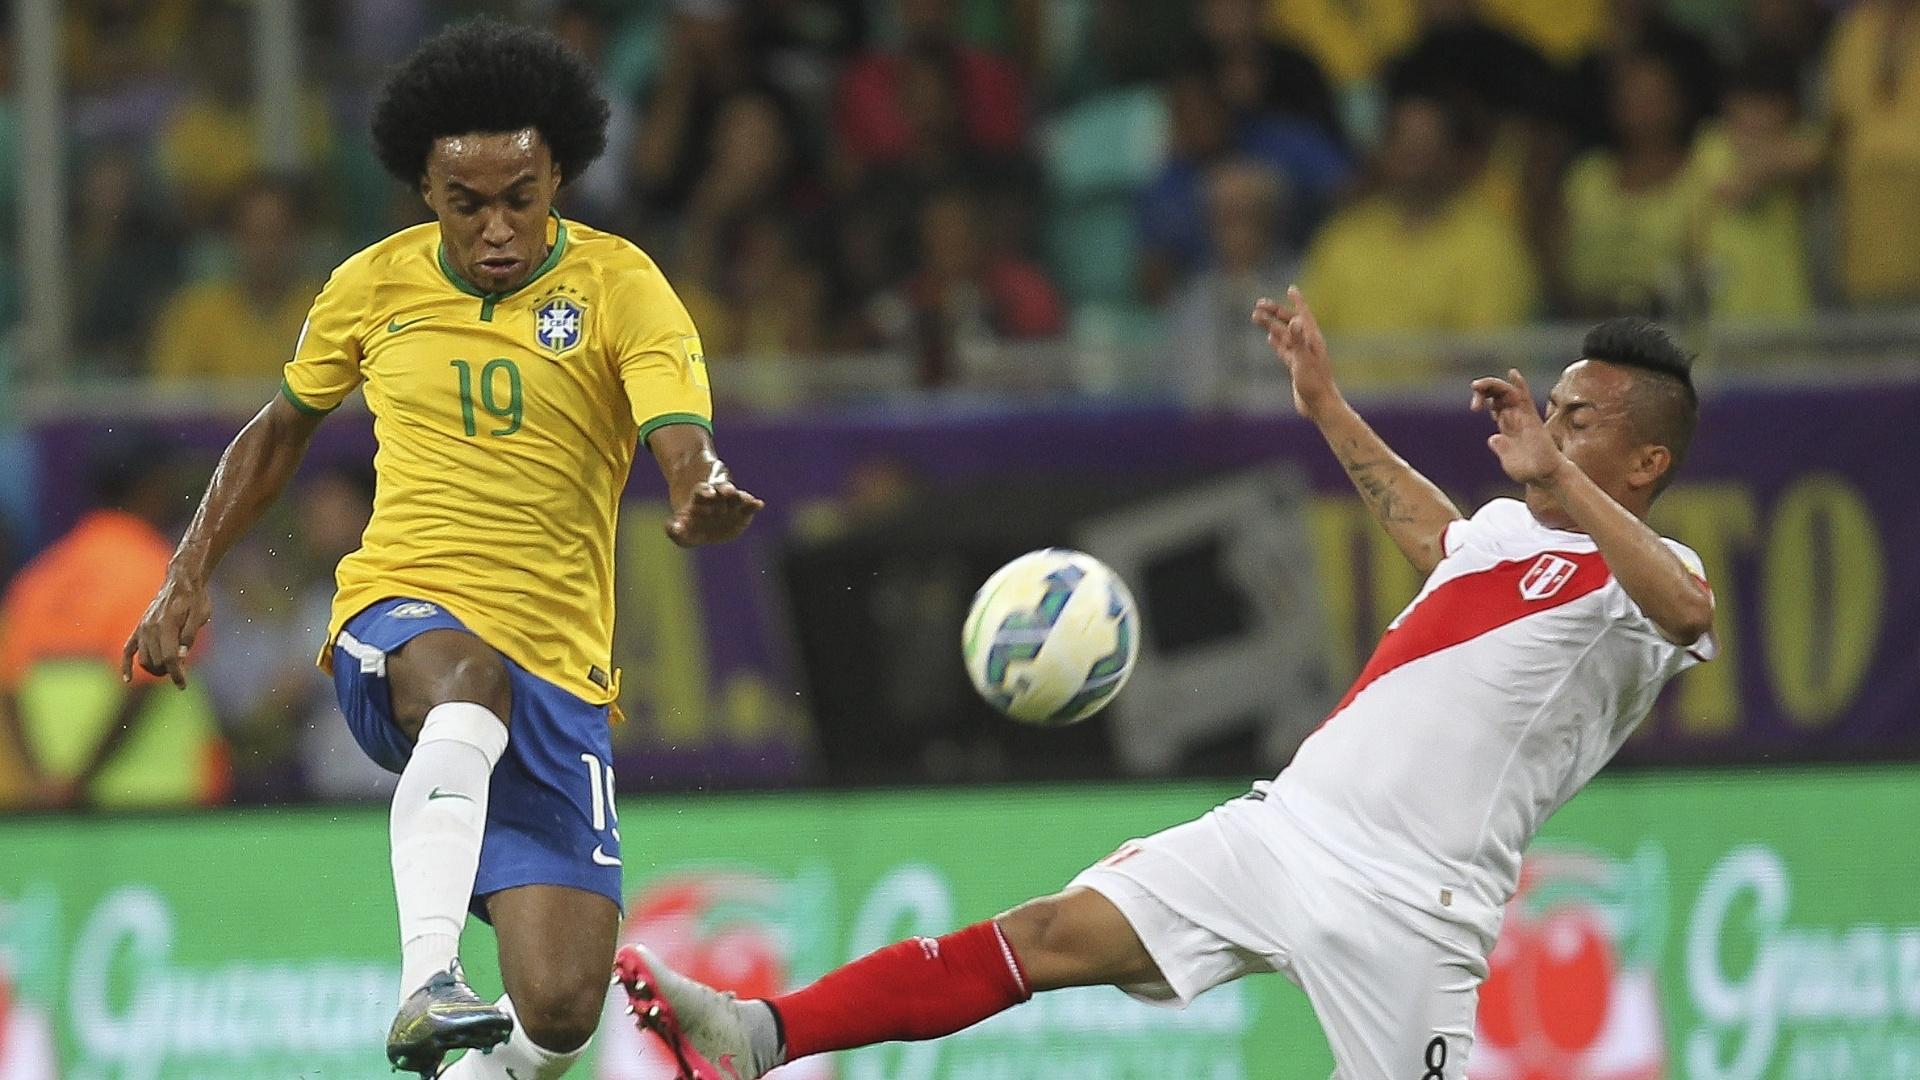 Willian disputa a bola na partida do Brasil contra o Peru nas Eliminatórias